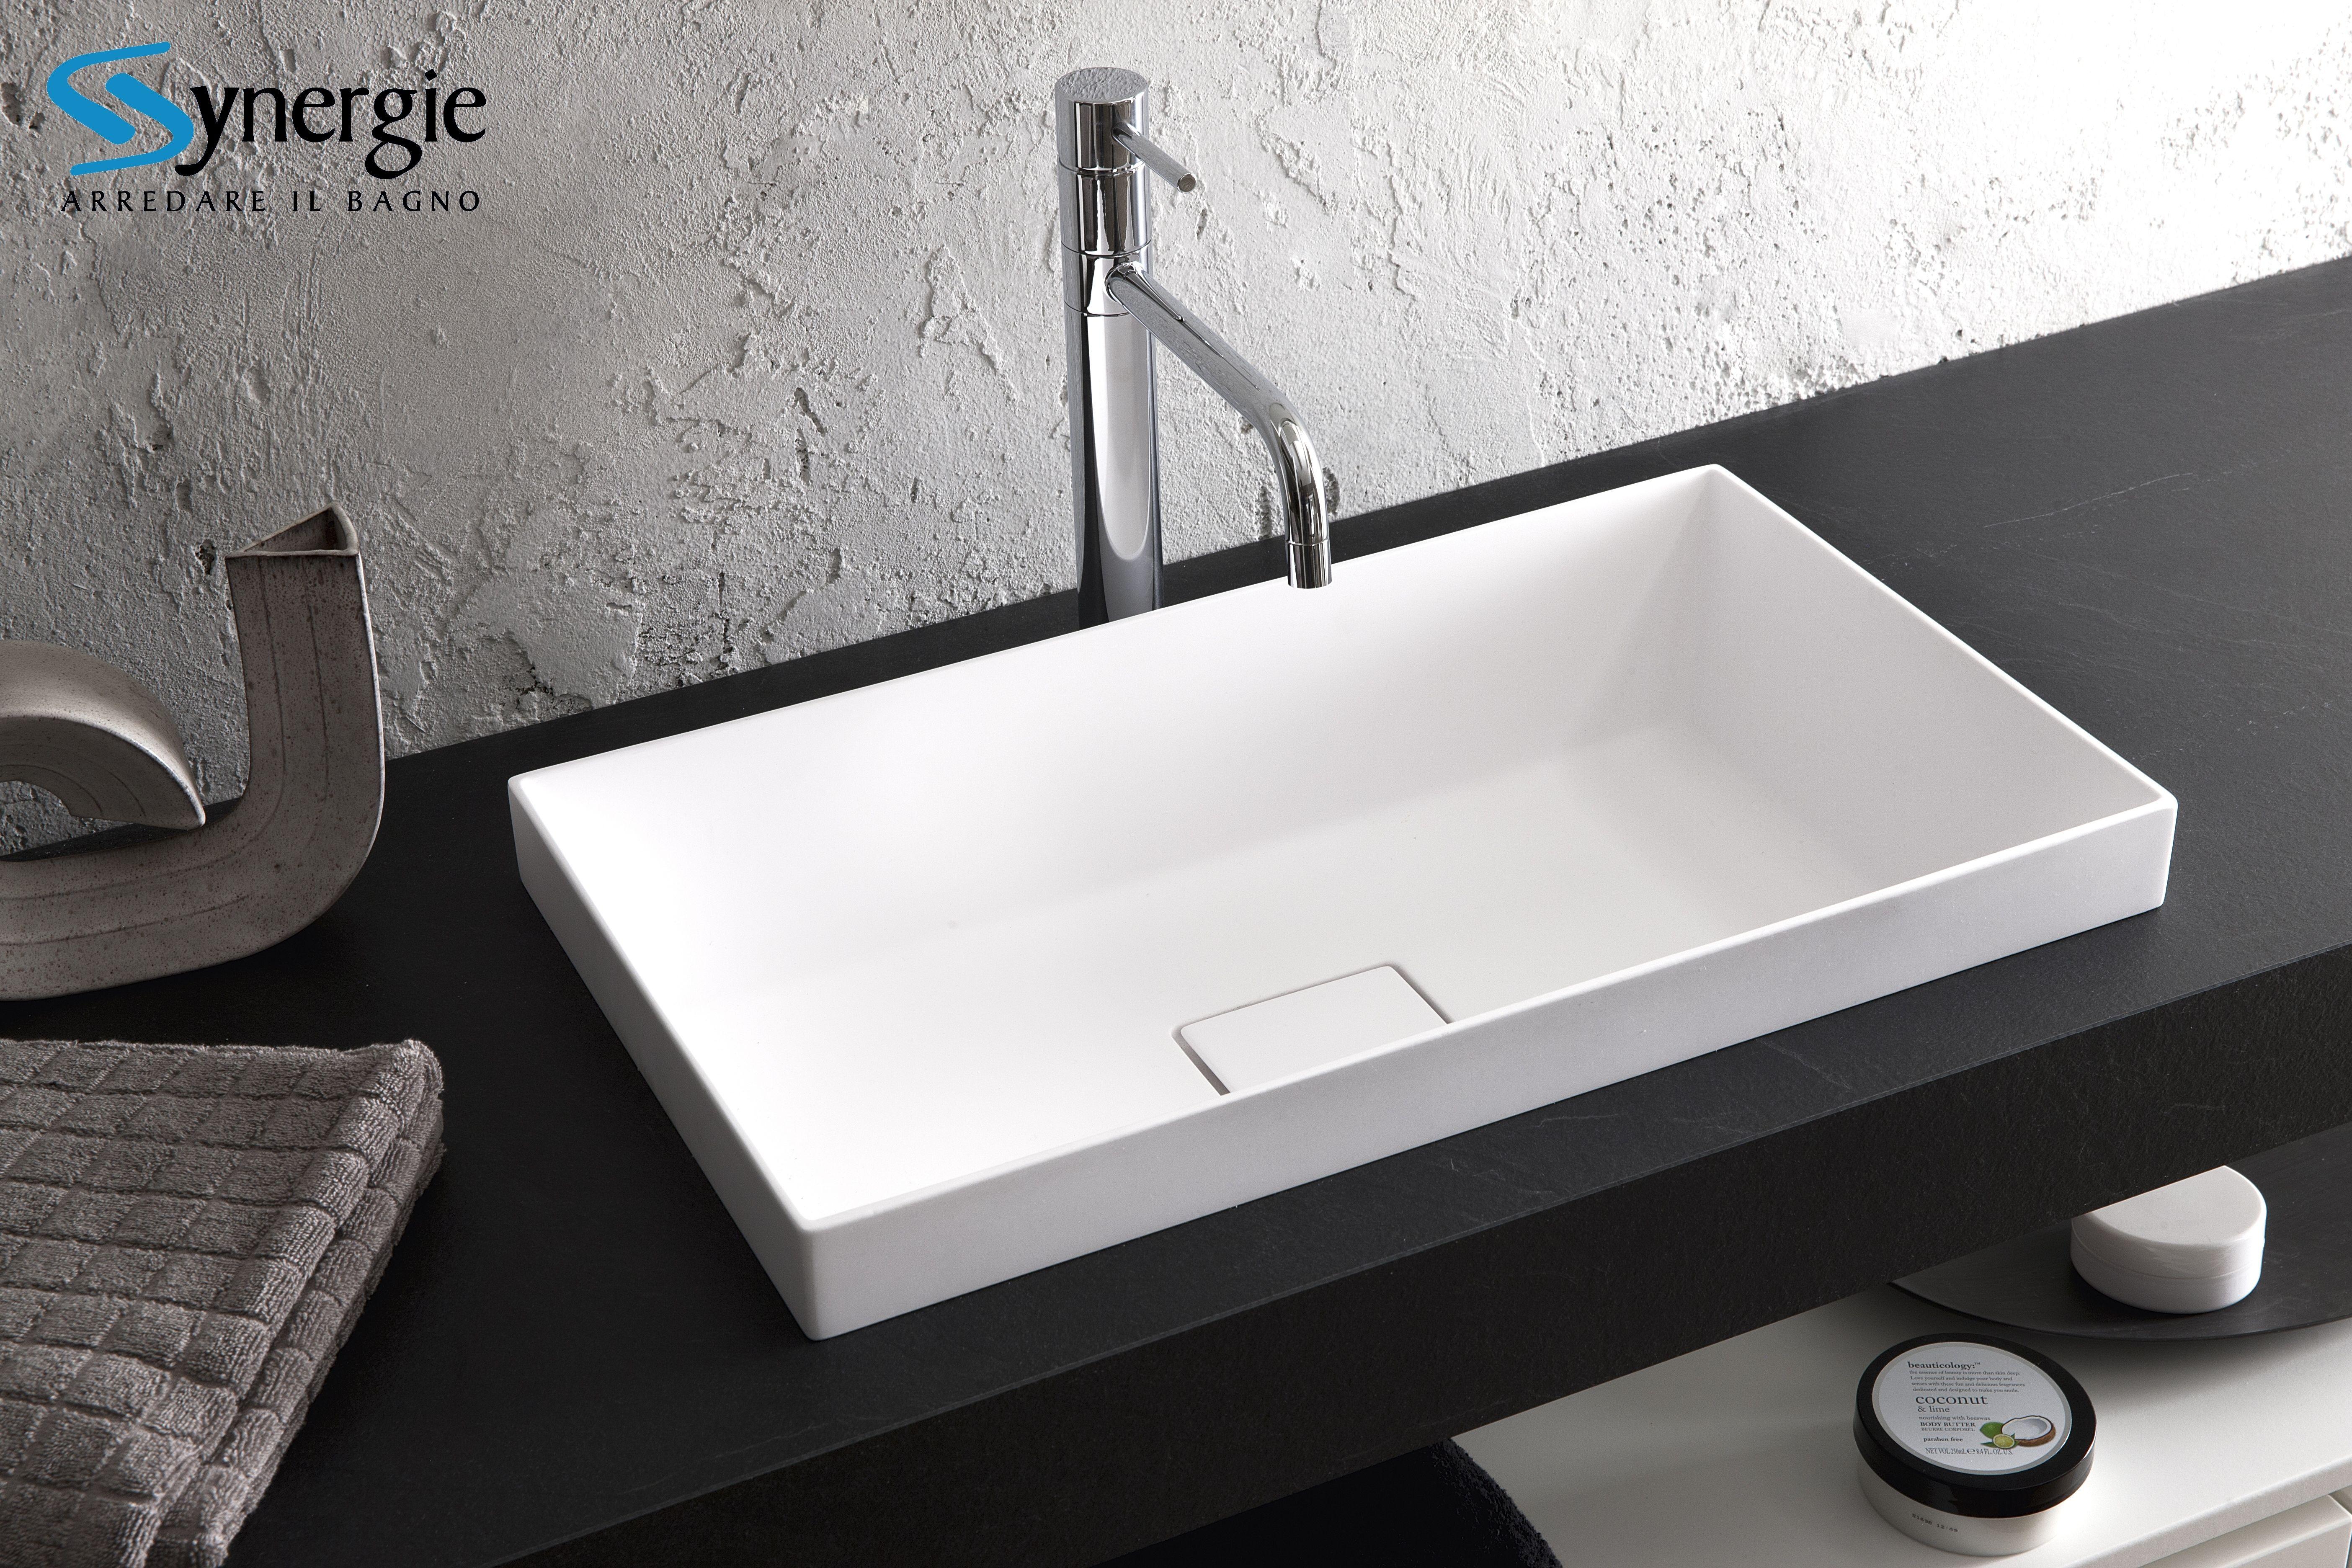 Lavabo In Ceramica O Mineralmarmo.Lavabo In Mineralmarmo Desy H2o Home Decor Sink Lava